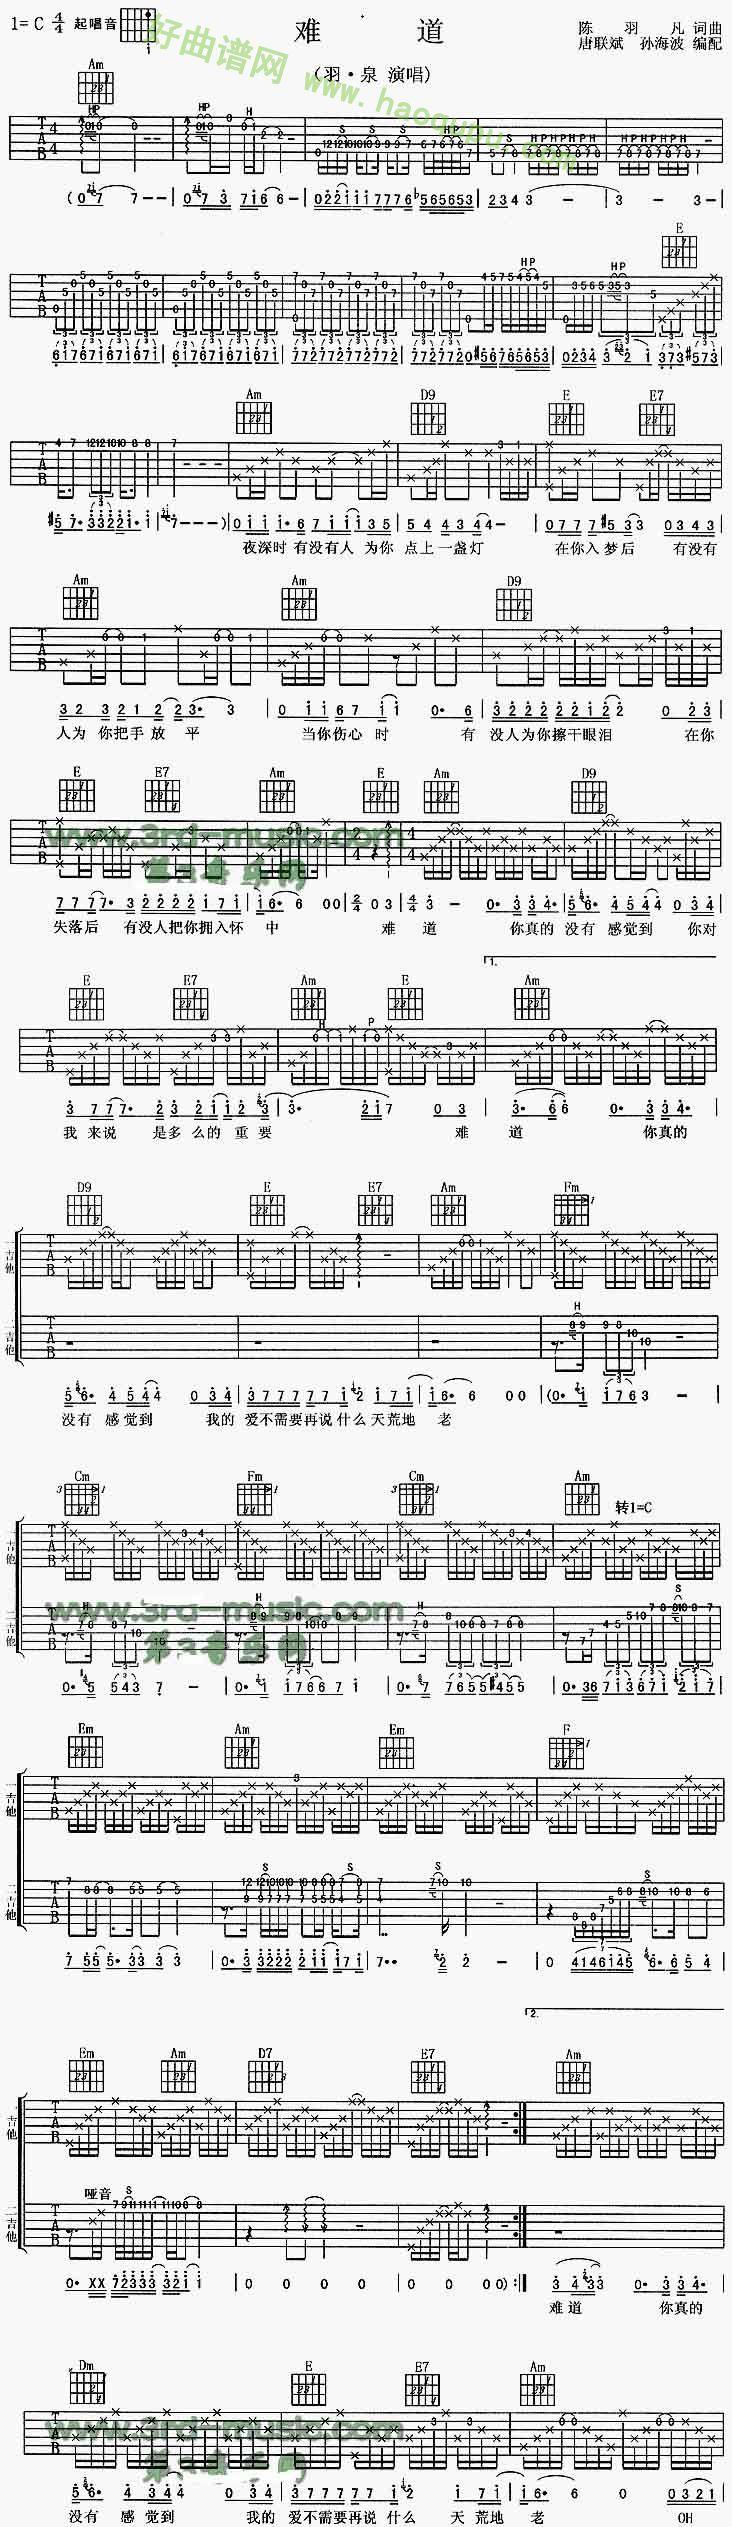 《难道》羽泉吉他谱